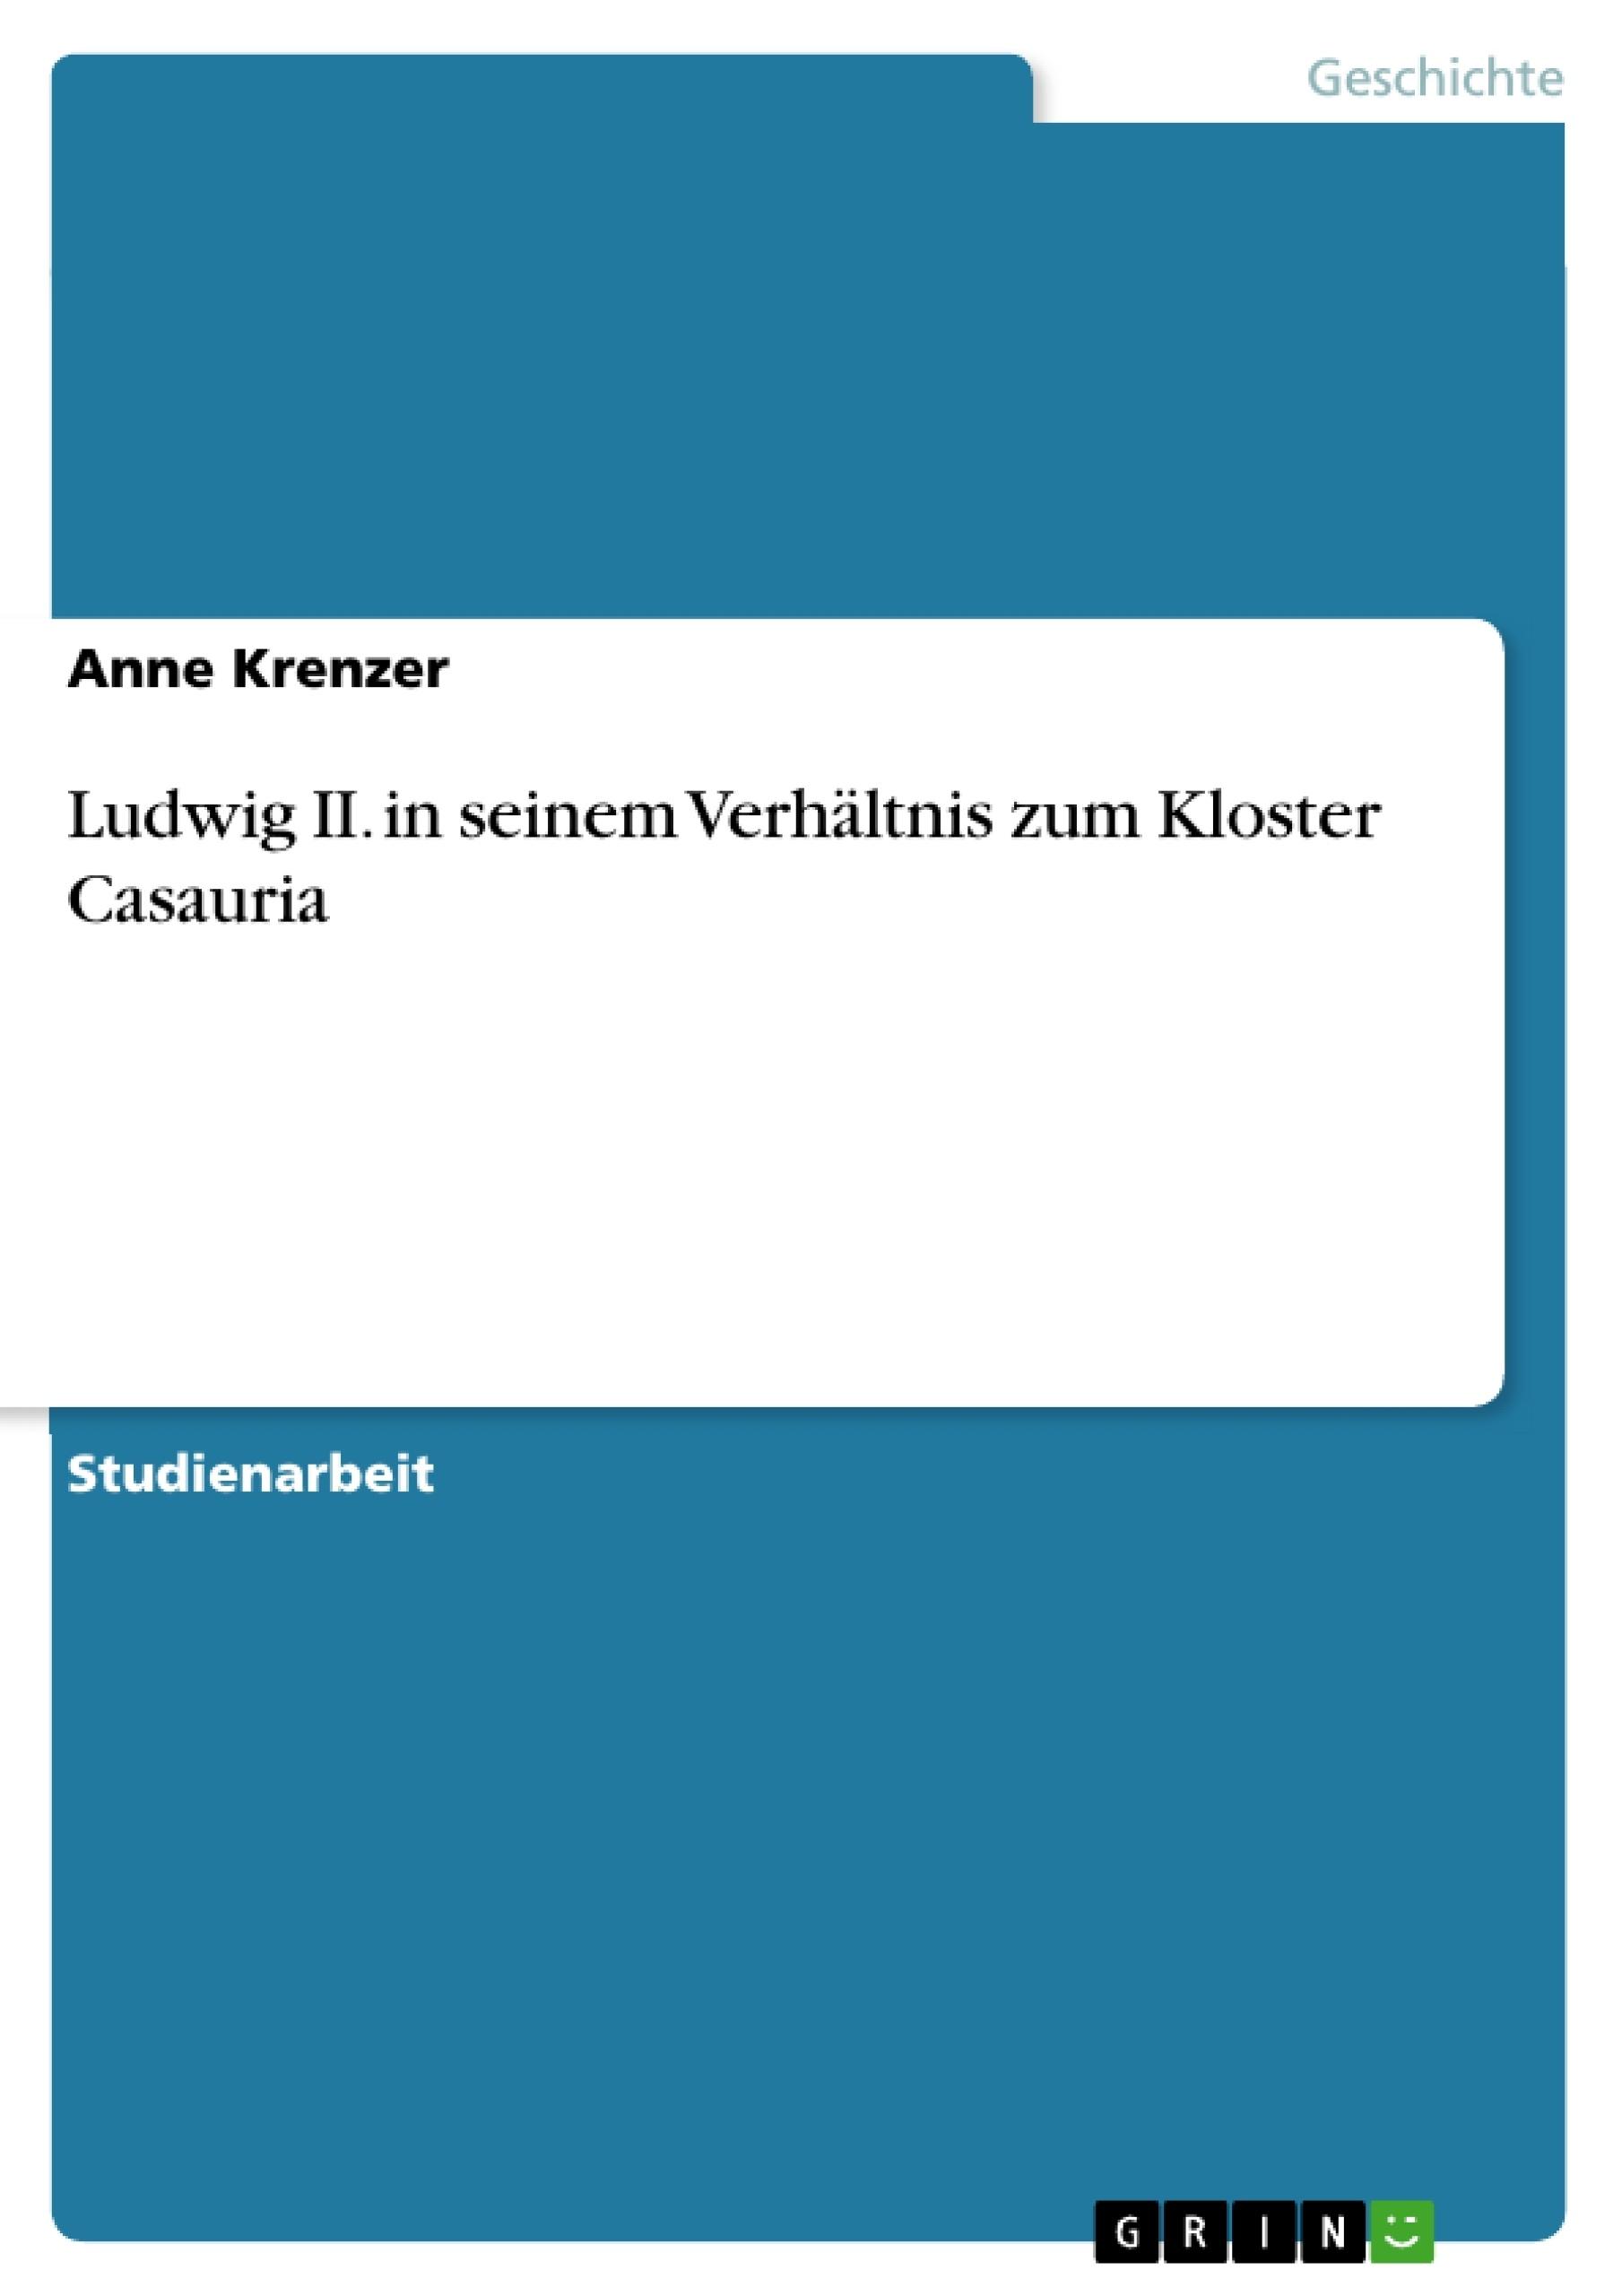 Titel: Ludwig II. in seinem Verhältnis zum Kloster Casauria